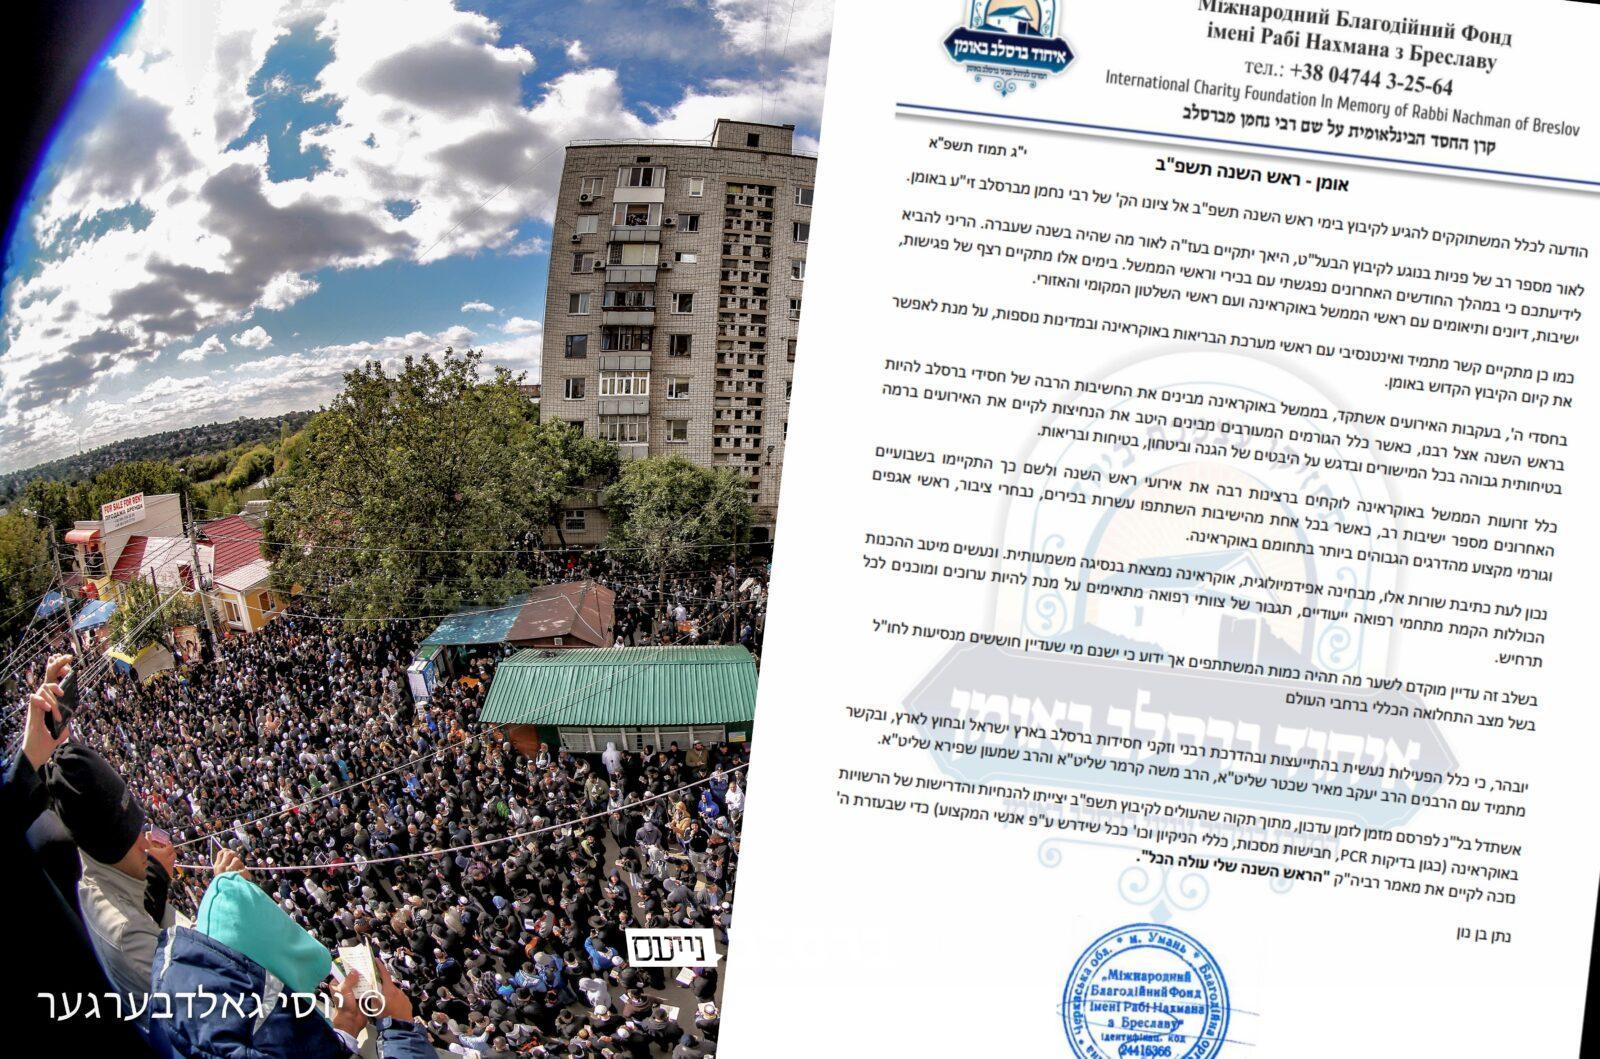 """קיבוץ תשפ""""ב • יו""""ר איחוד ברסלב במכתב עדכון לקראת ראש השנה"""